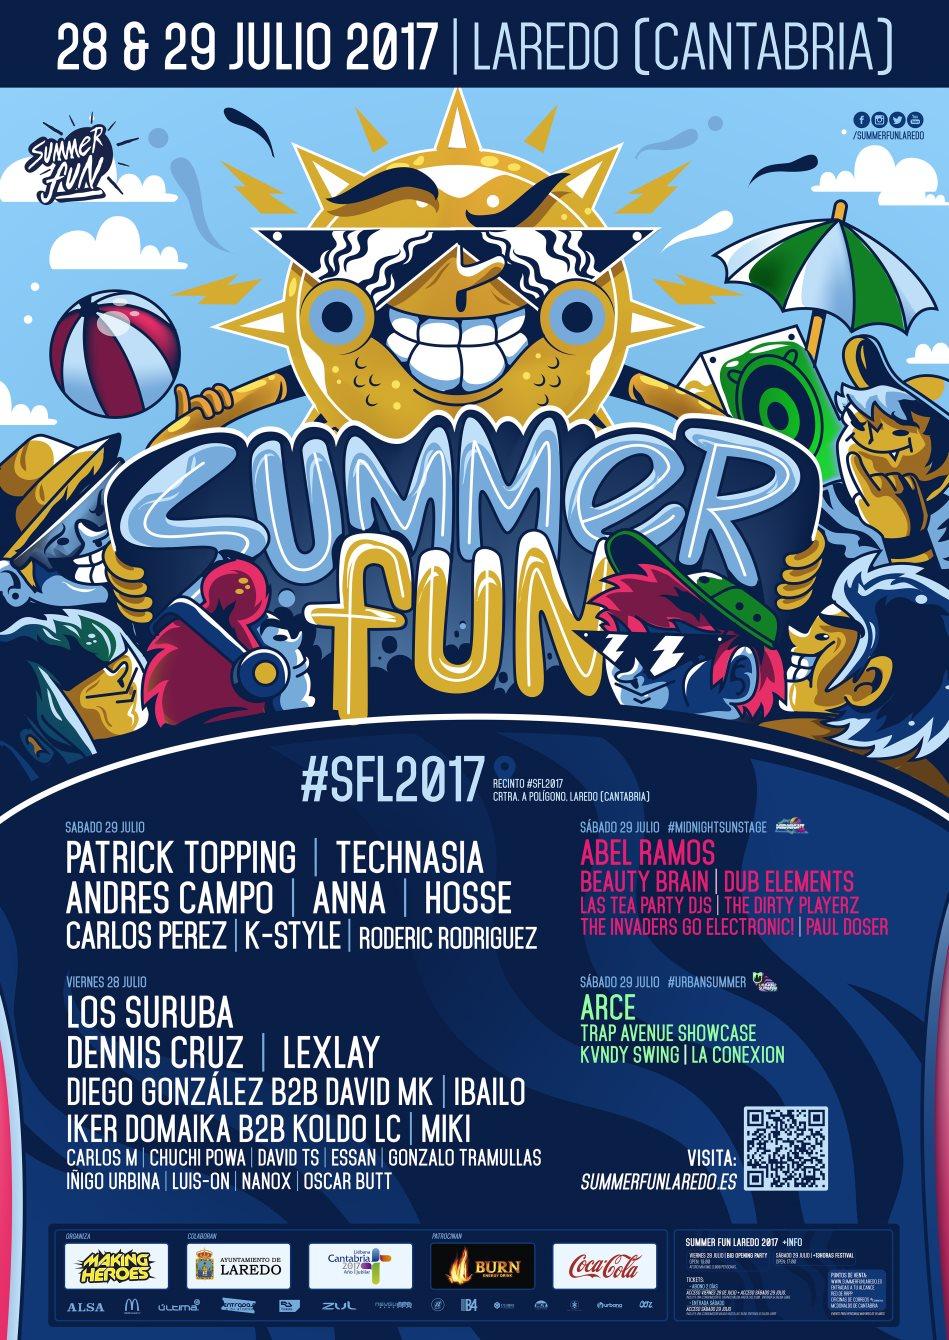 SummerFun Laredo 2017 - Flyer front